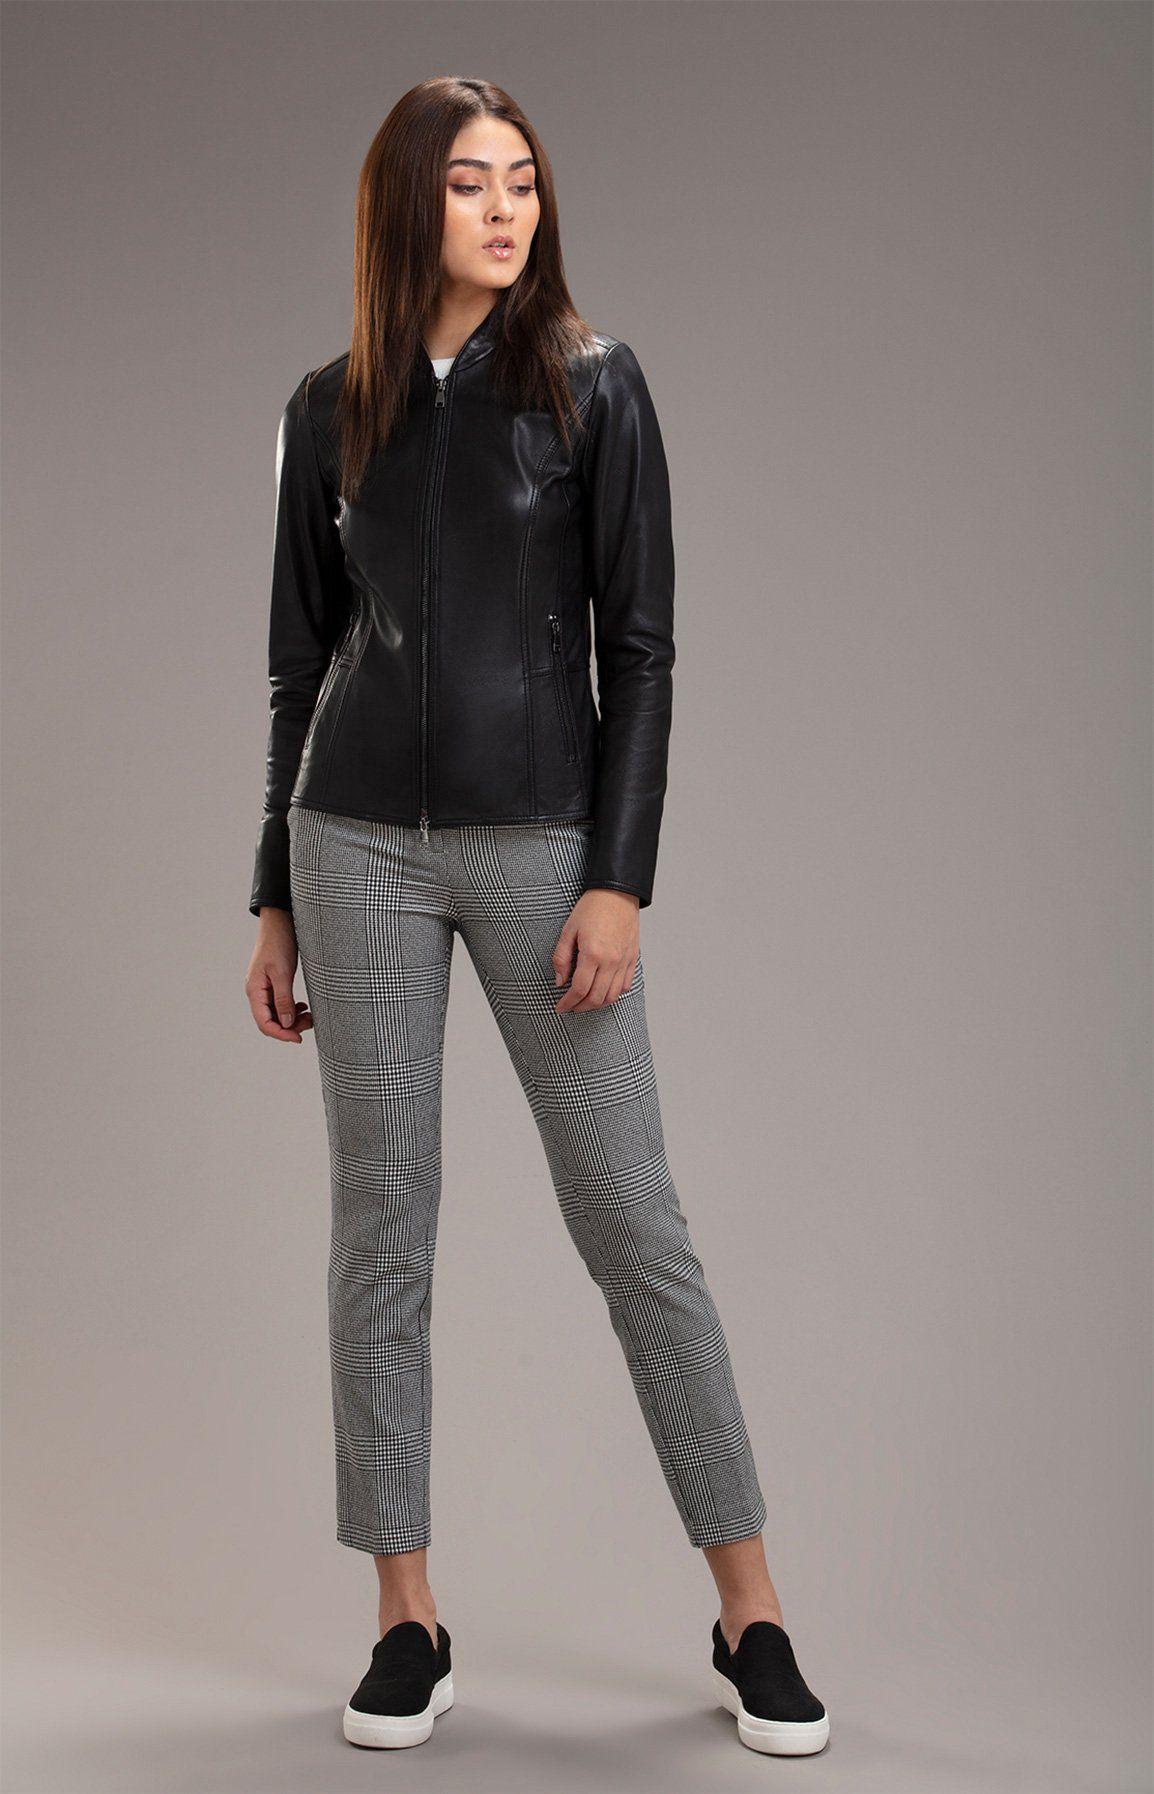 PENELOPE Danier Leather coat jacket, Leather jackets